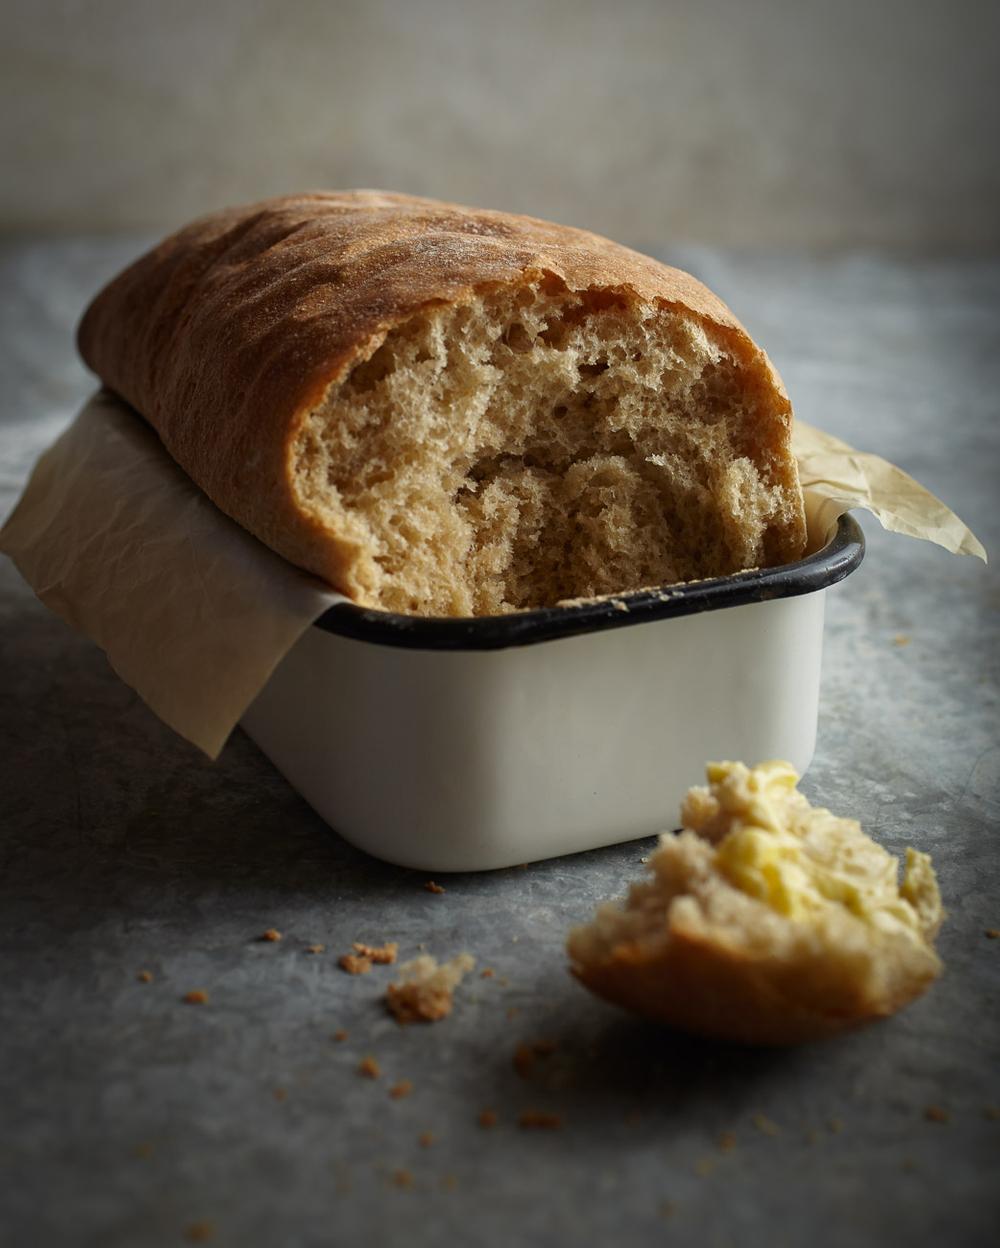 bread-loaf-food-stylist-san-francisco.jpg